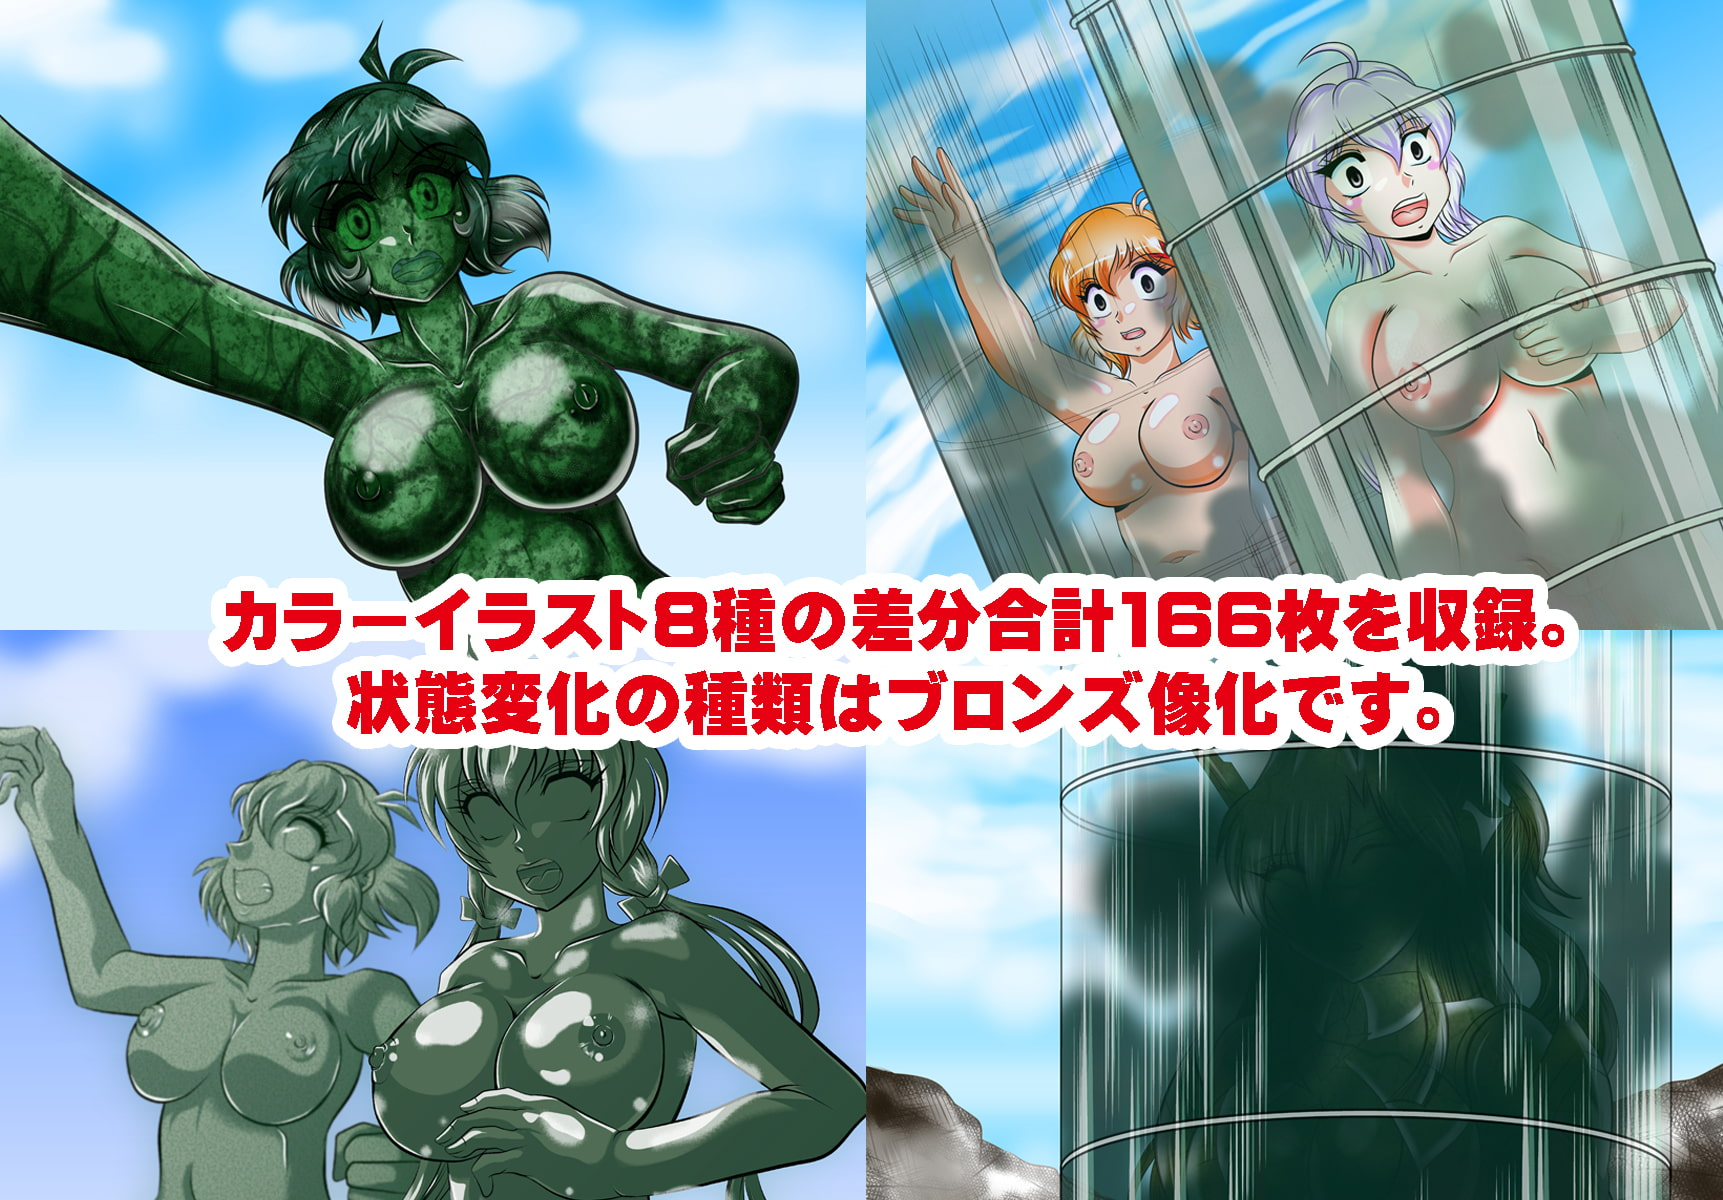 戦姫全滅 EP2:立○響&雪音ク○ス